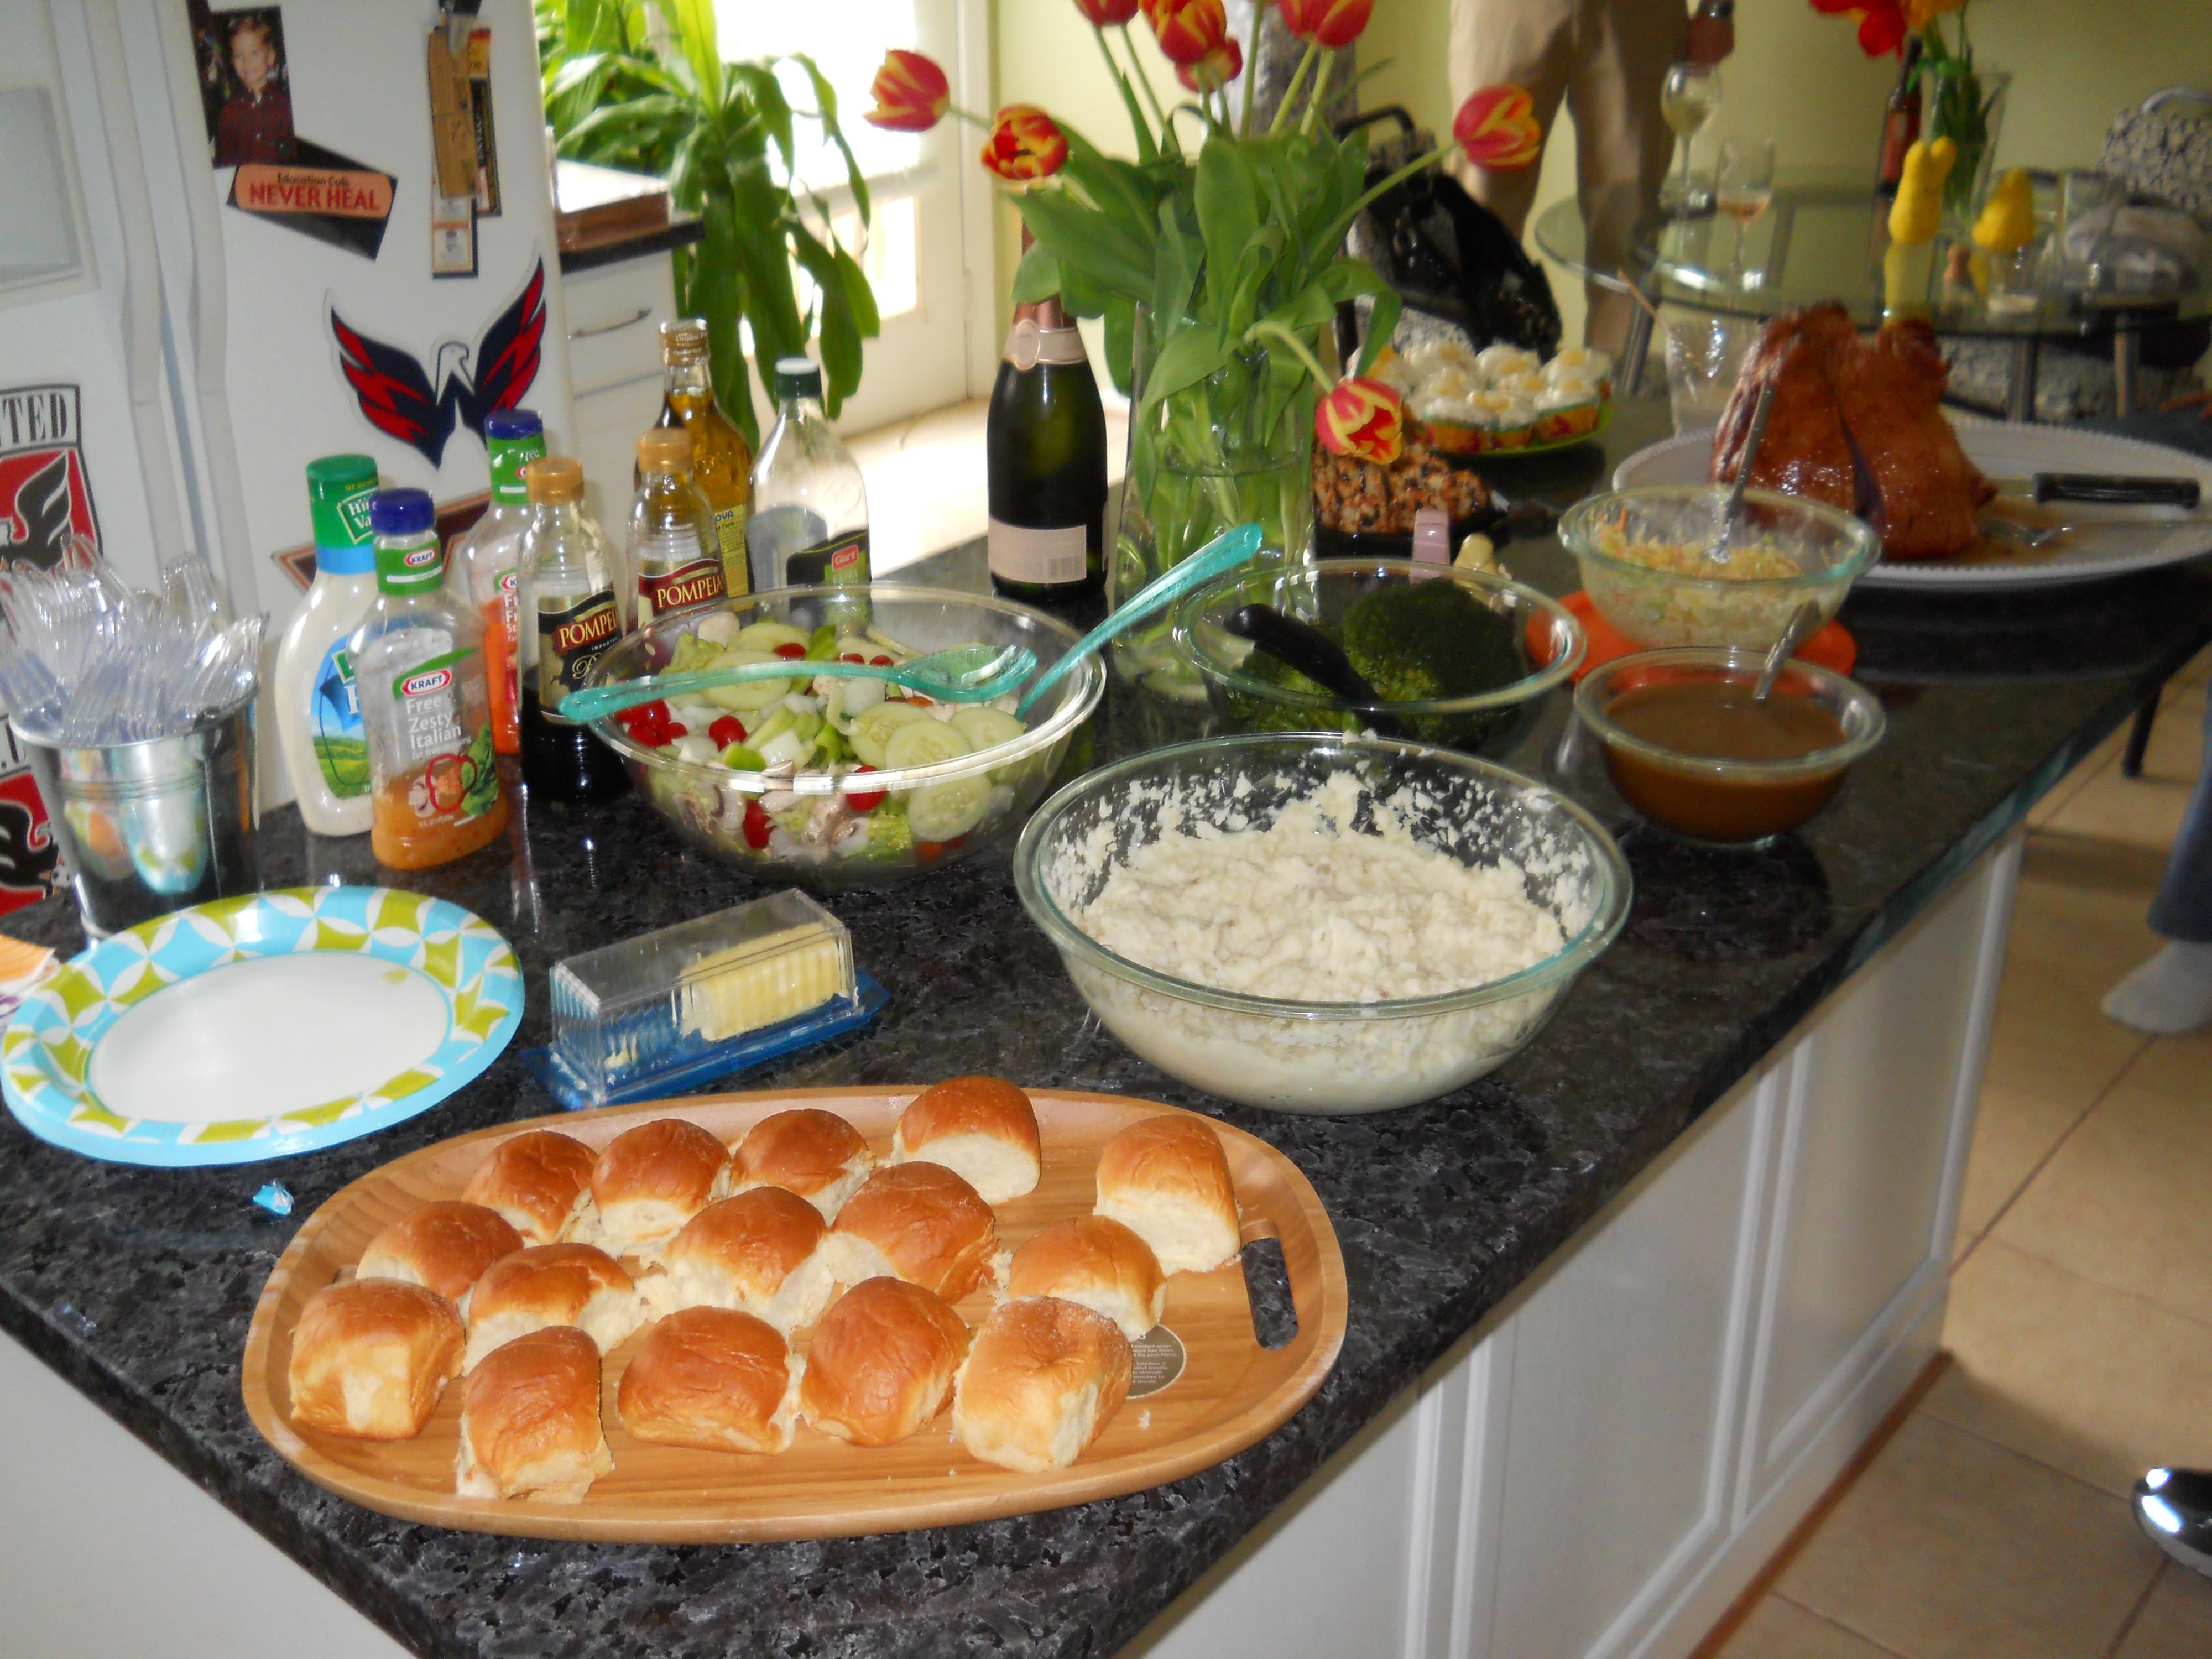 Ideas For Easter Dinner Party  Easter Dinner